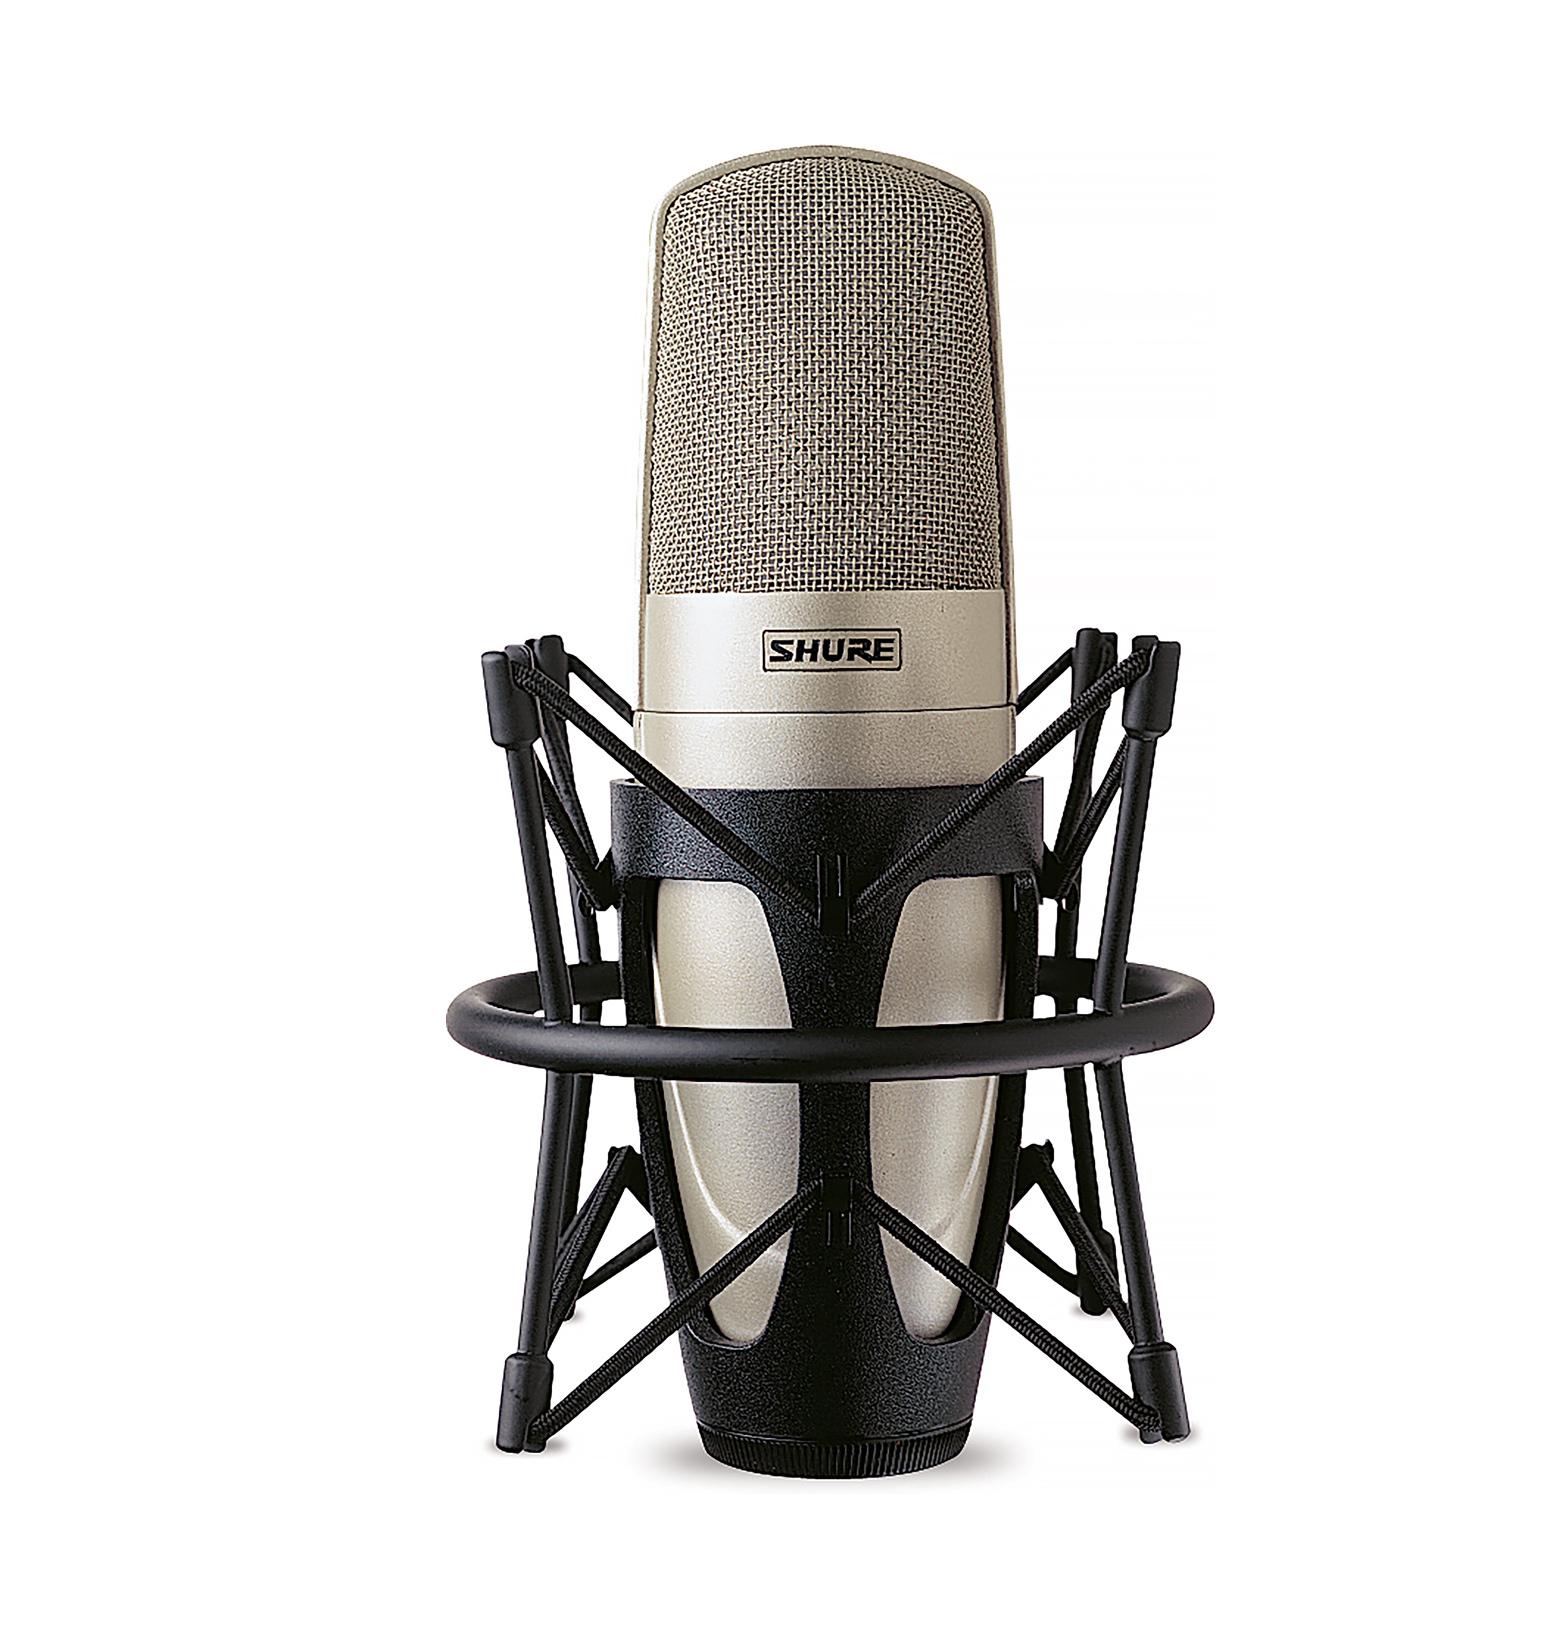 Studio Condenser Microphone, Champagne finish